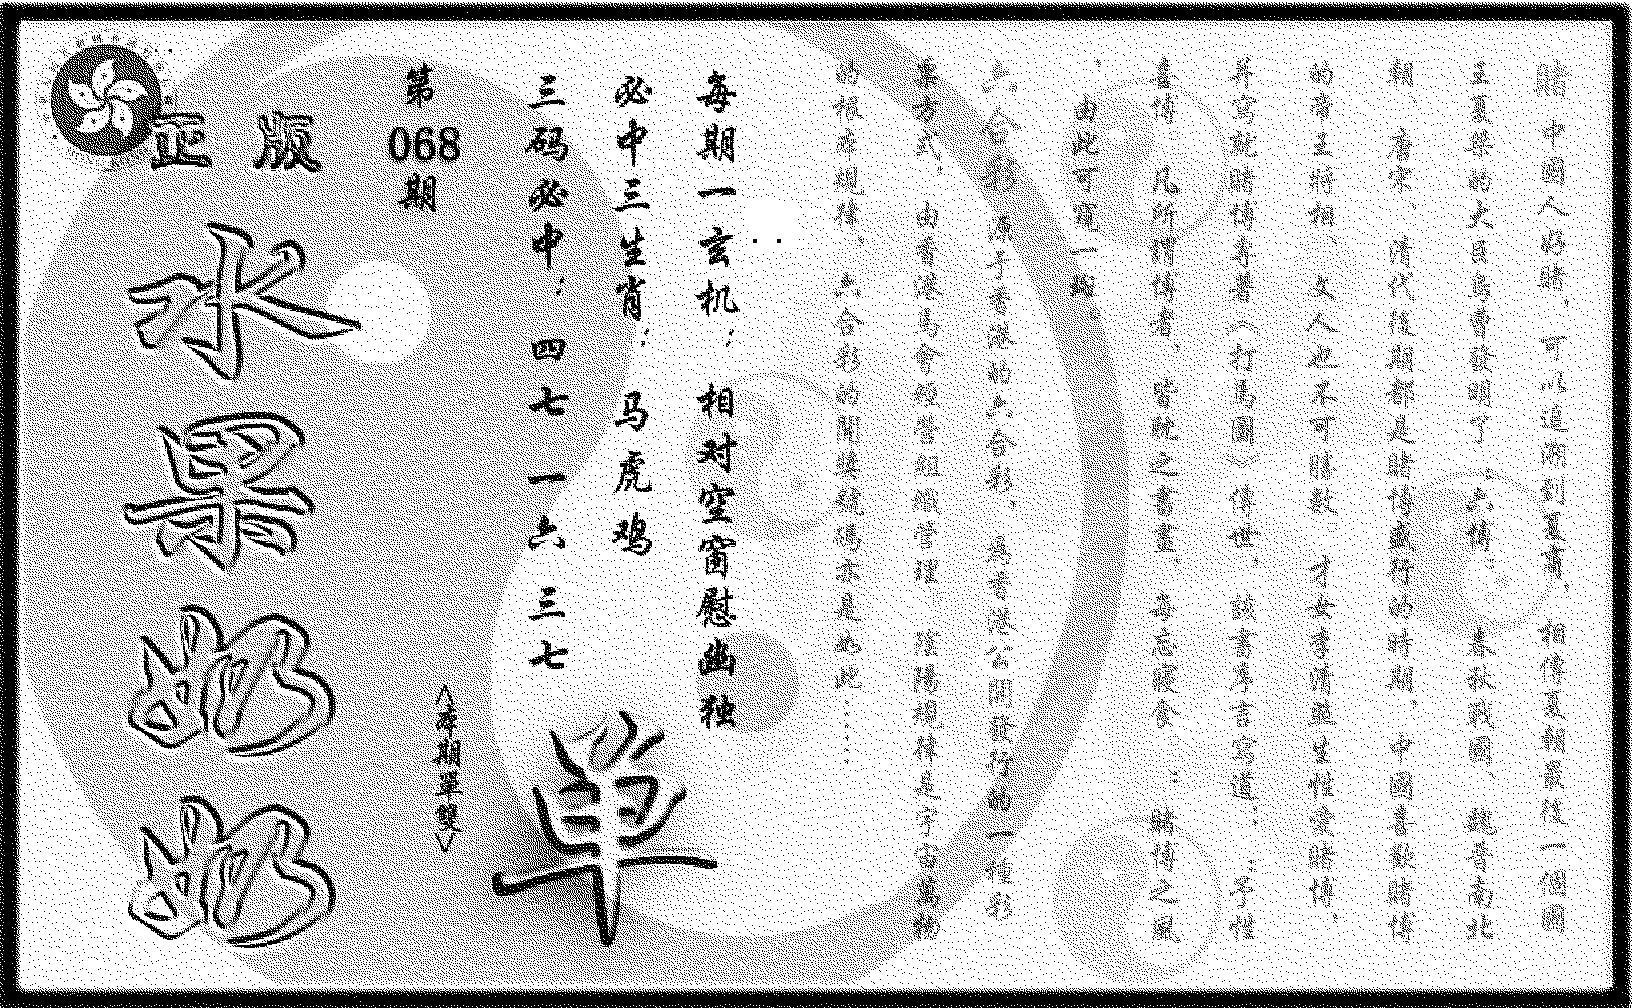 068期(九龙单双攻略)正版(黑白)